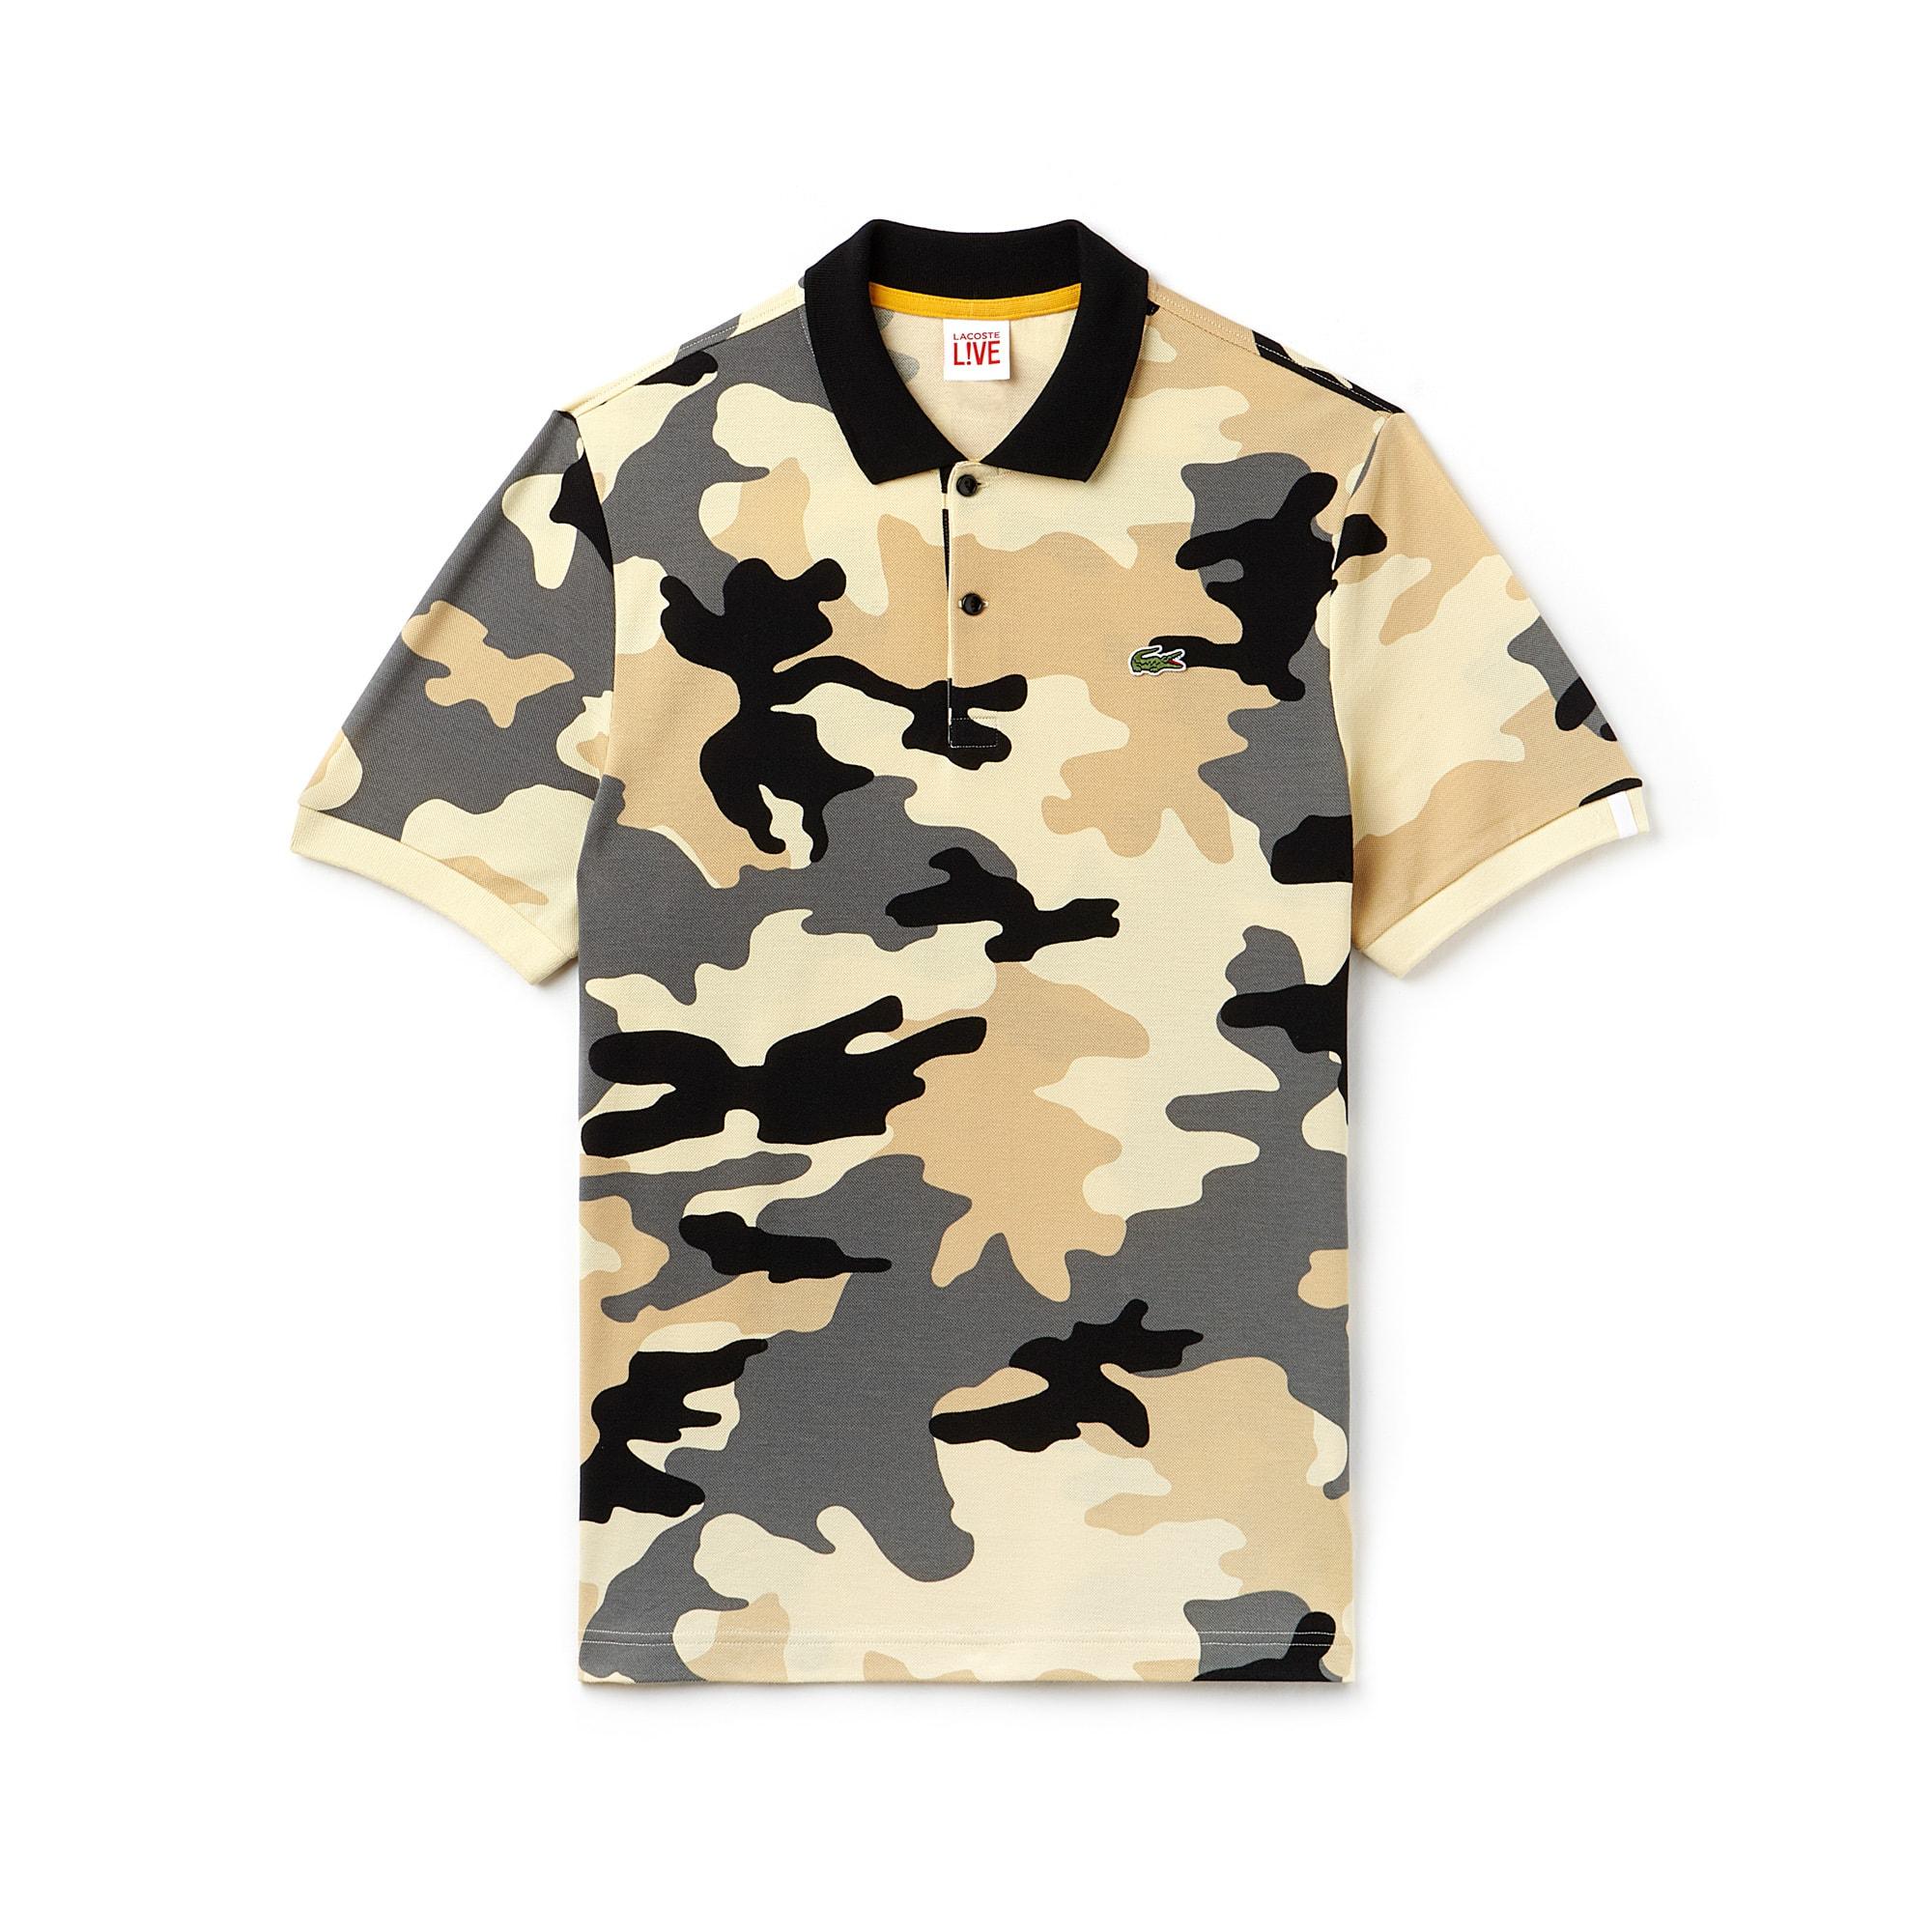 Polo regular fit Lacoste LIVE en mini piqué imprimé camouflage